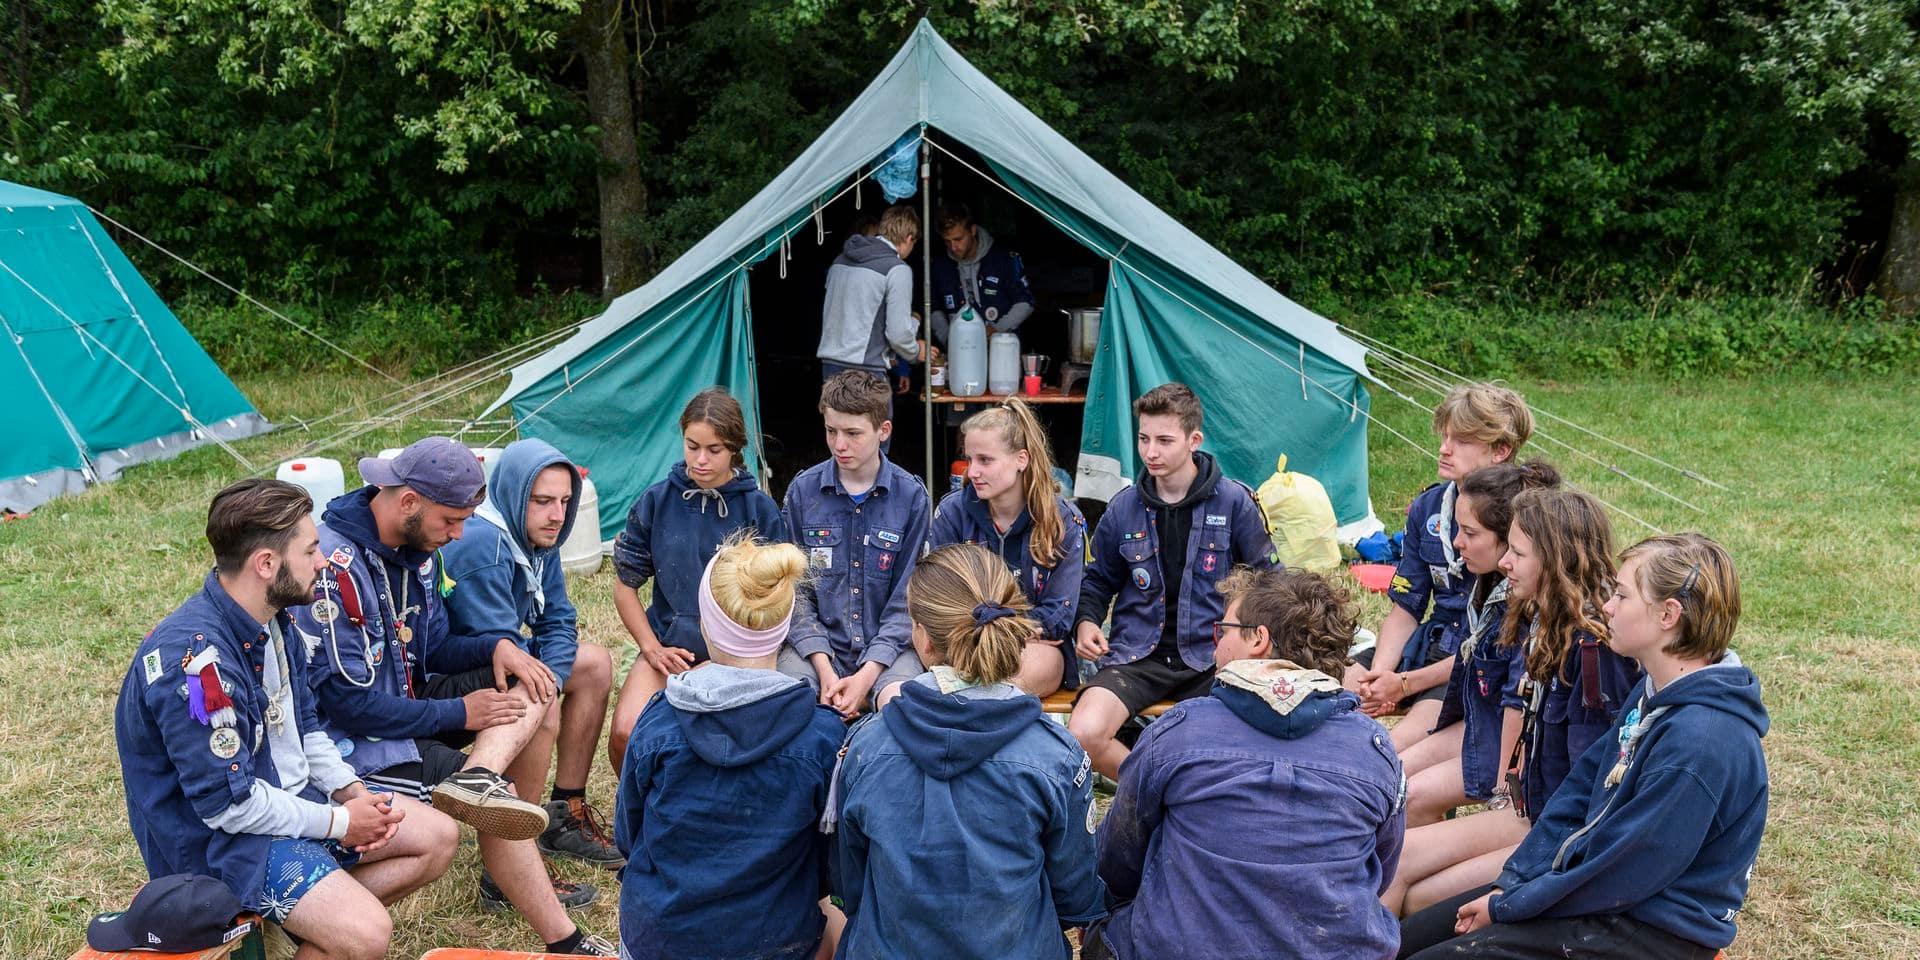 Le chassé-croisé des camps scouts : voici les chiffres